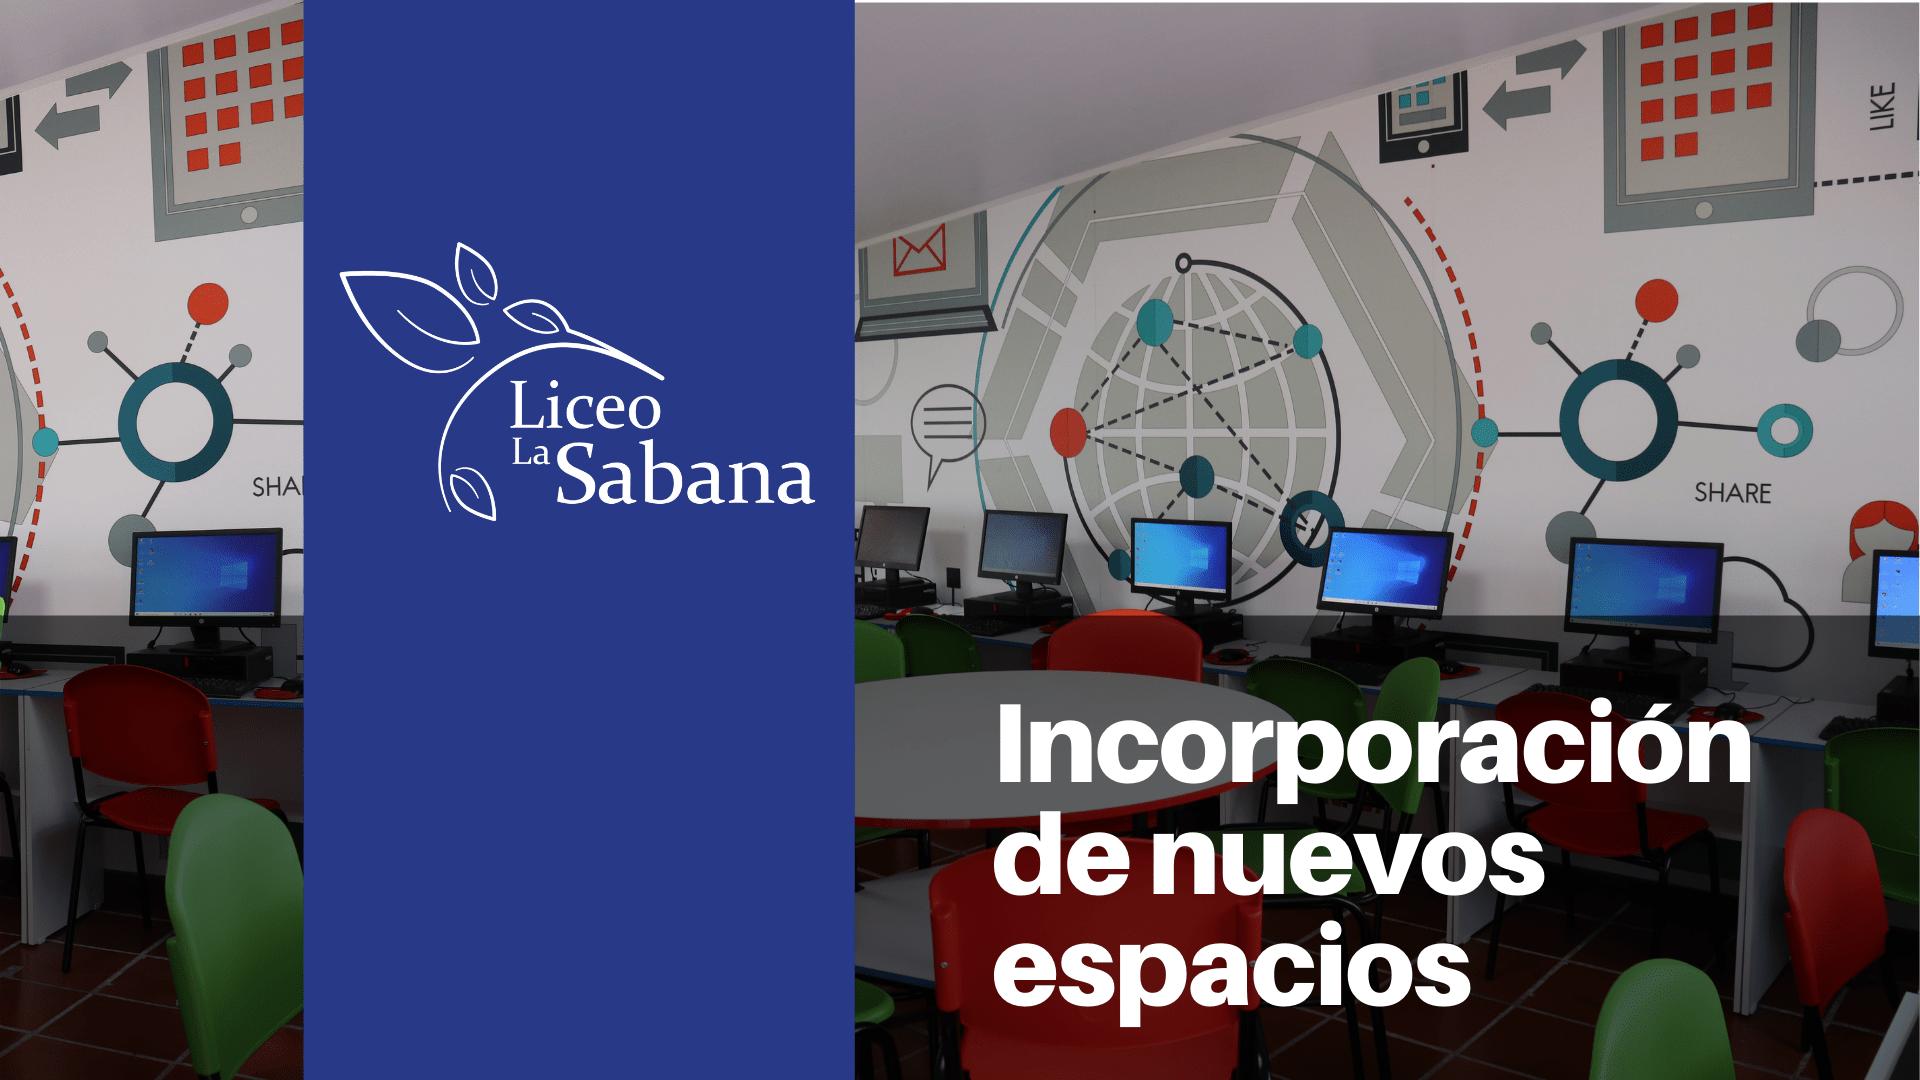 el Liceo La Sabana de Bogotá incorpora nuevos espacios de tecnologia